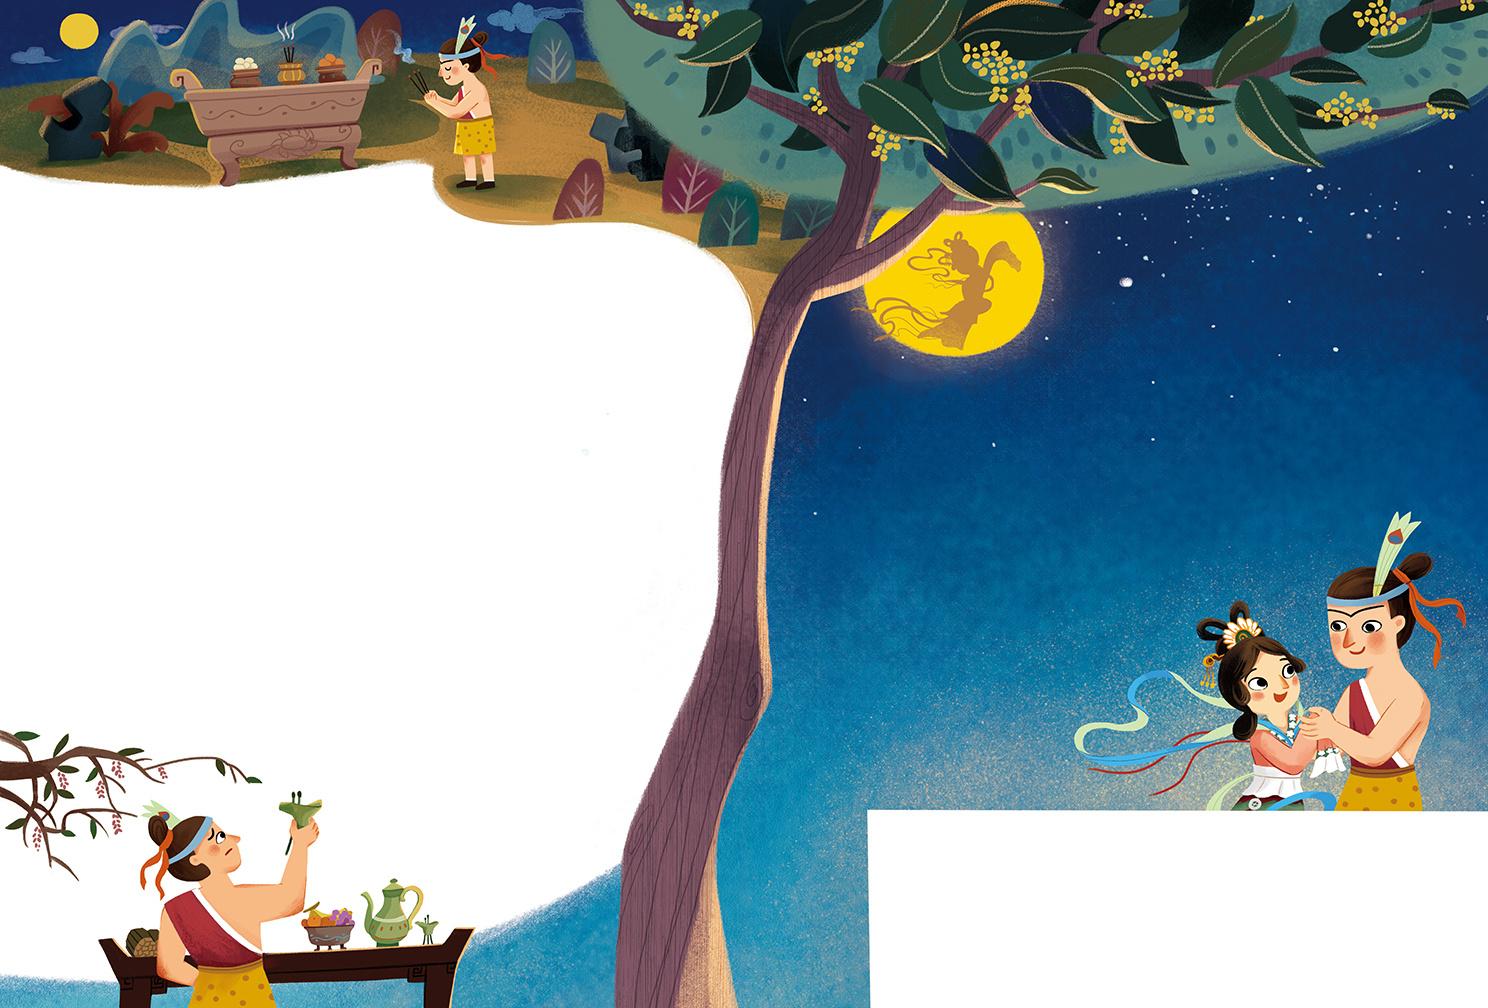 嫦娥奔月的故事,和中秋节拜月的风俗节是怎么来的